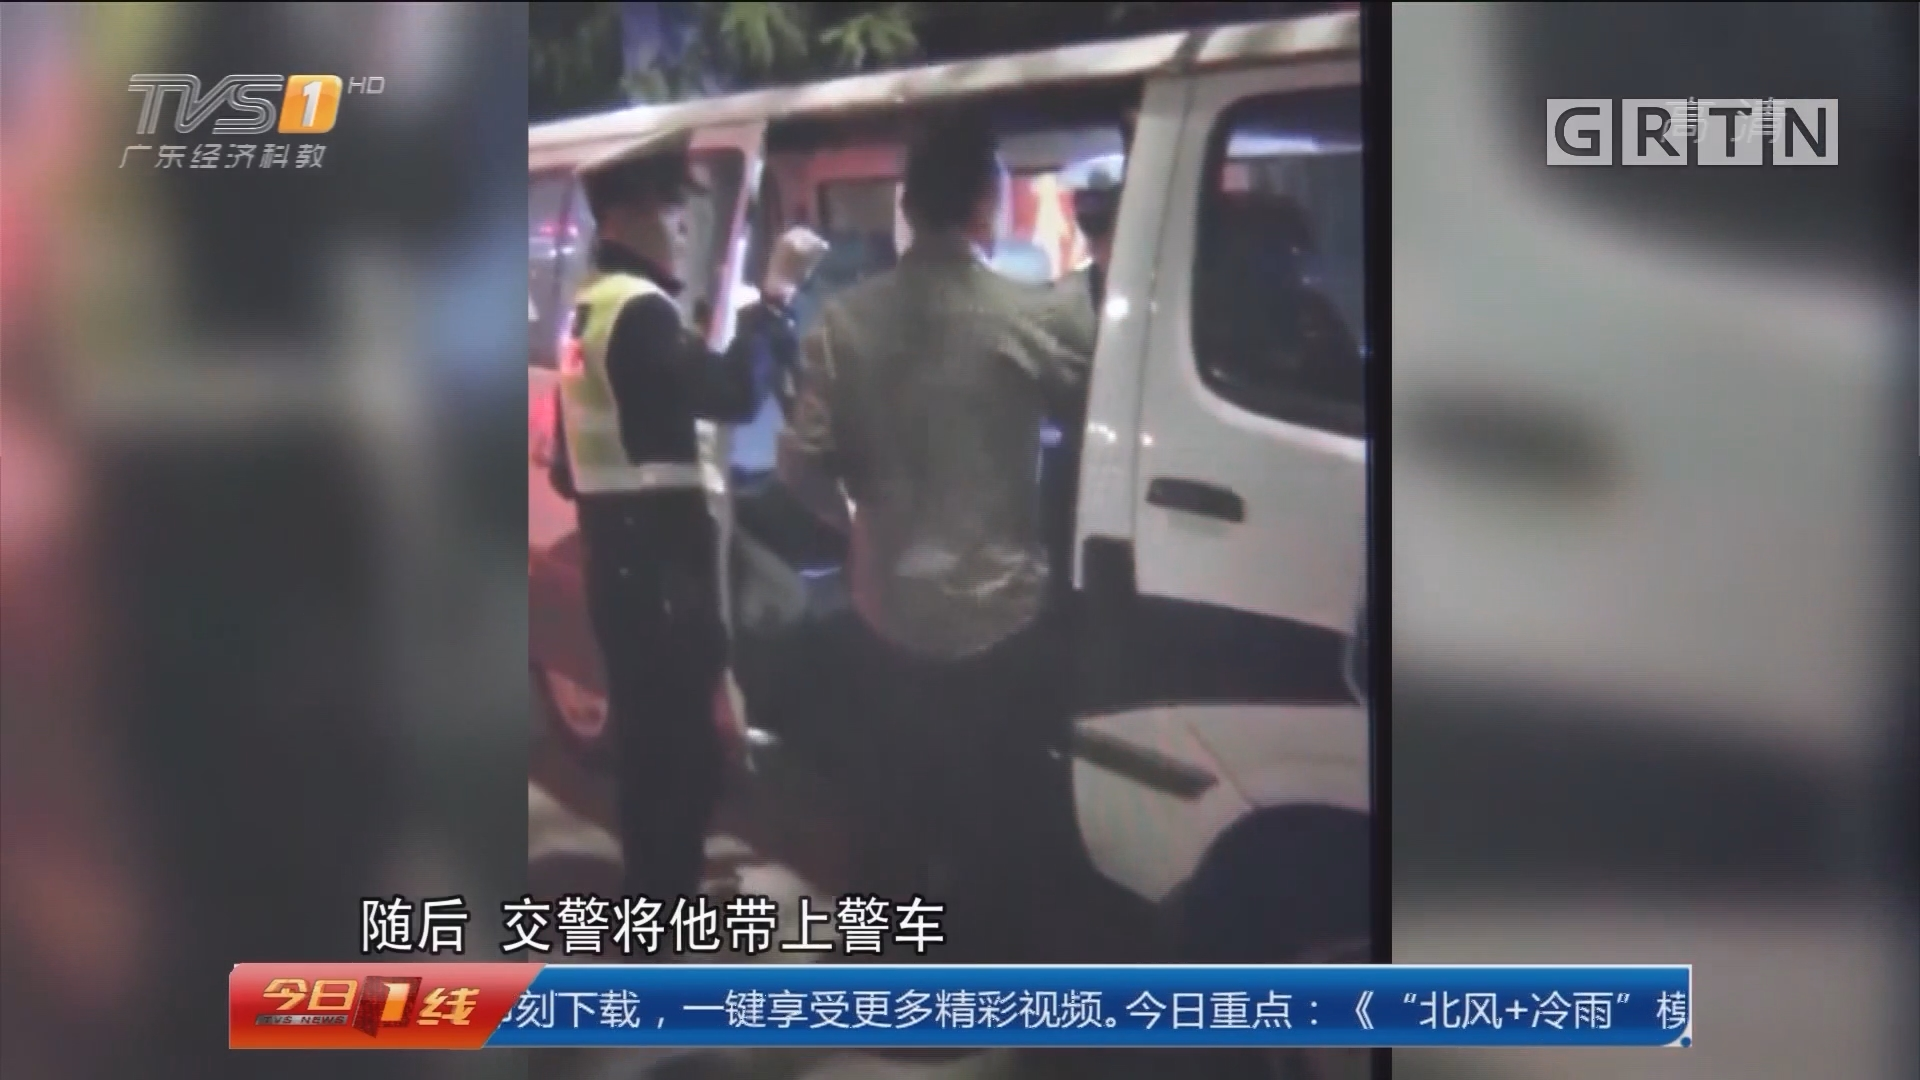 惠州:惠州交警开展严查酒驾专项行动